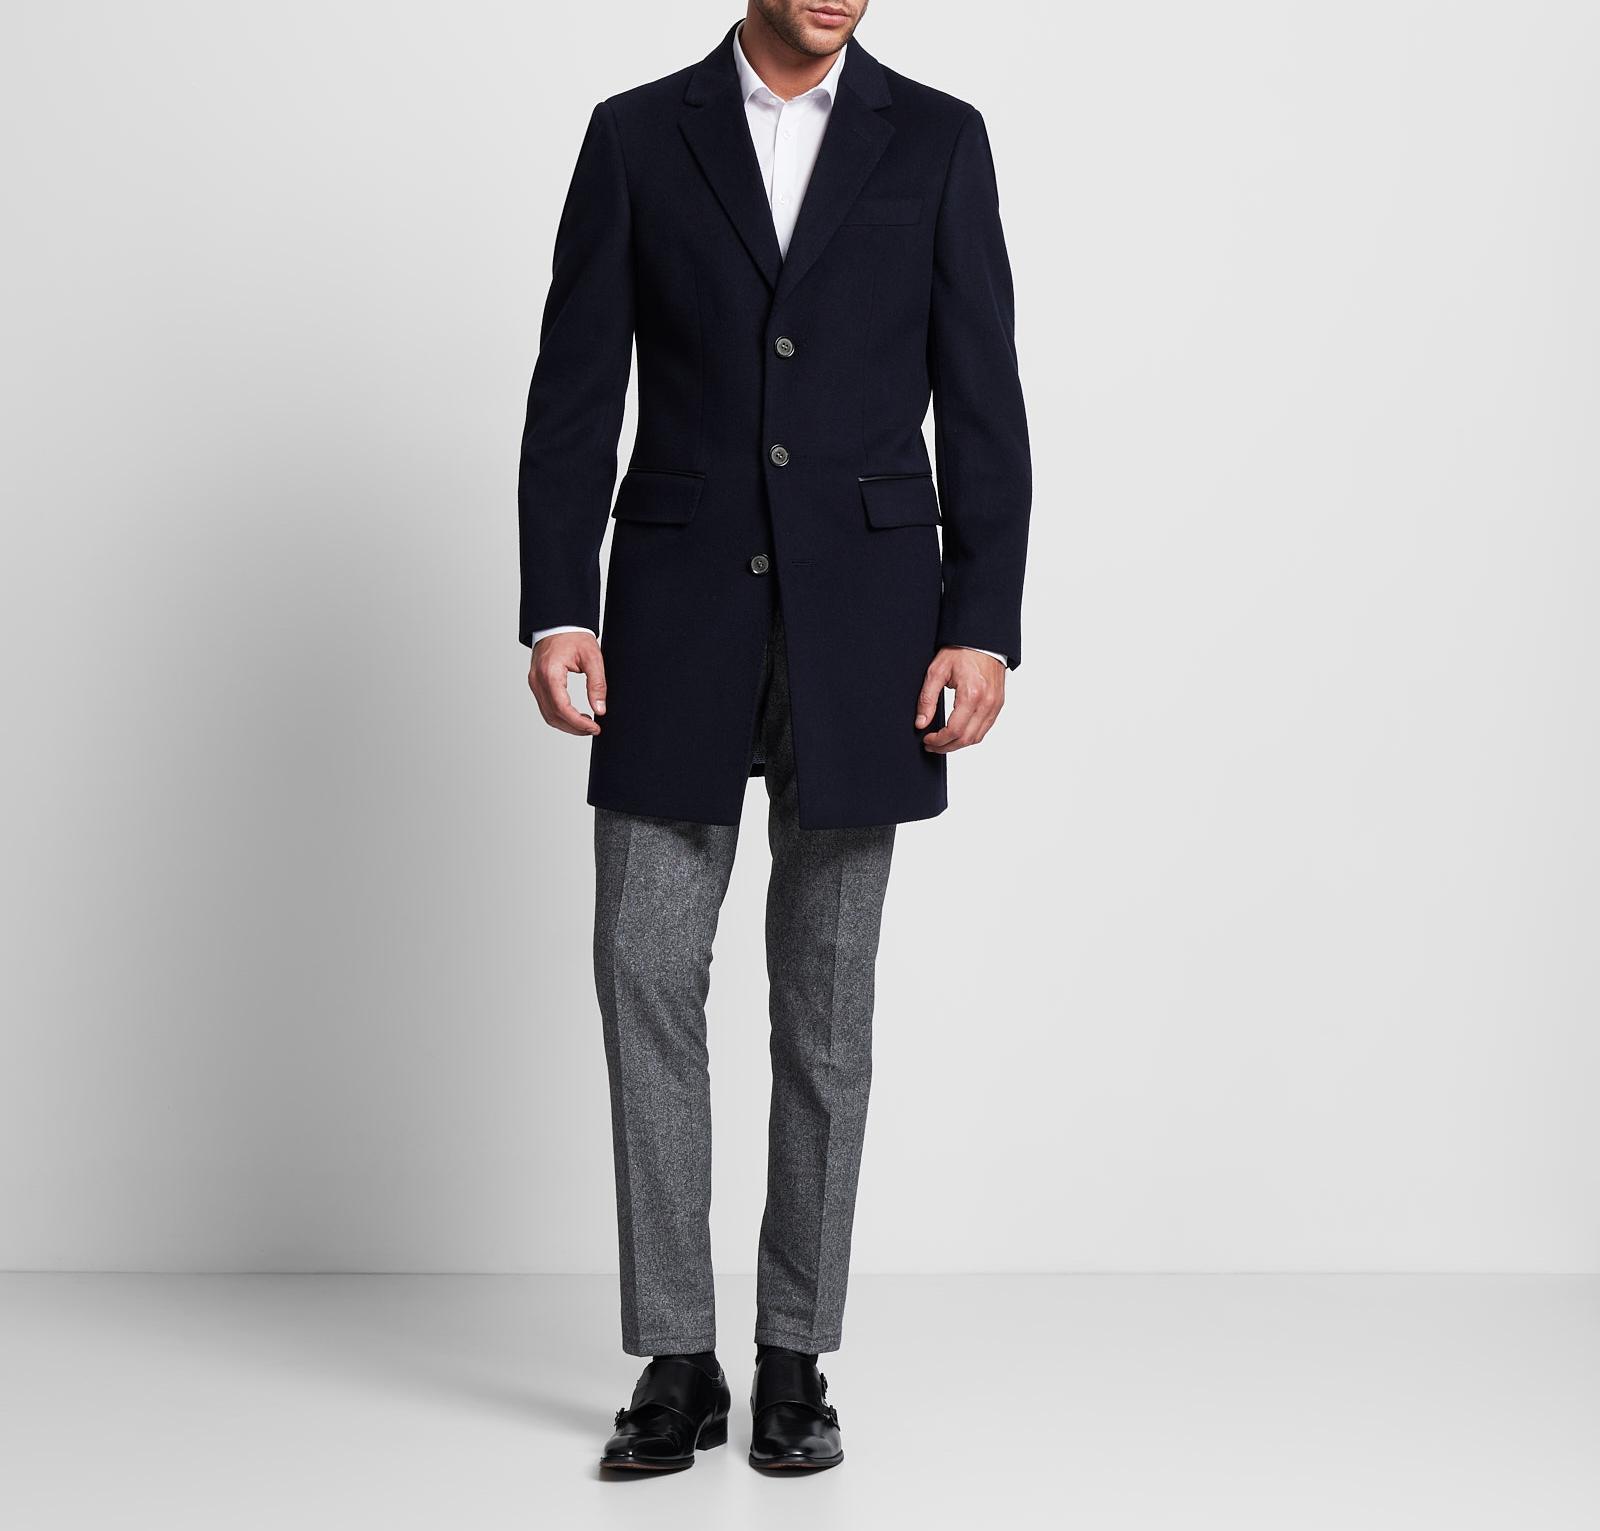 Cappotto Blu Uomo Elegante Gratuita In Corto Spedizione